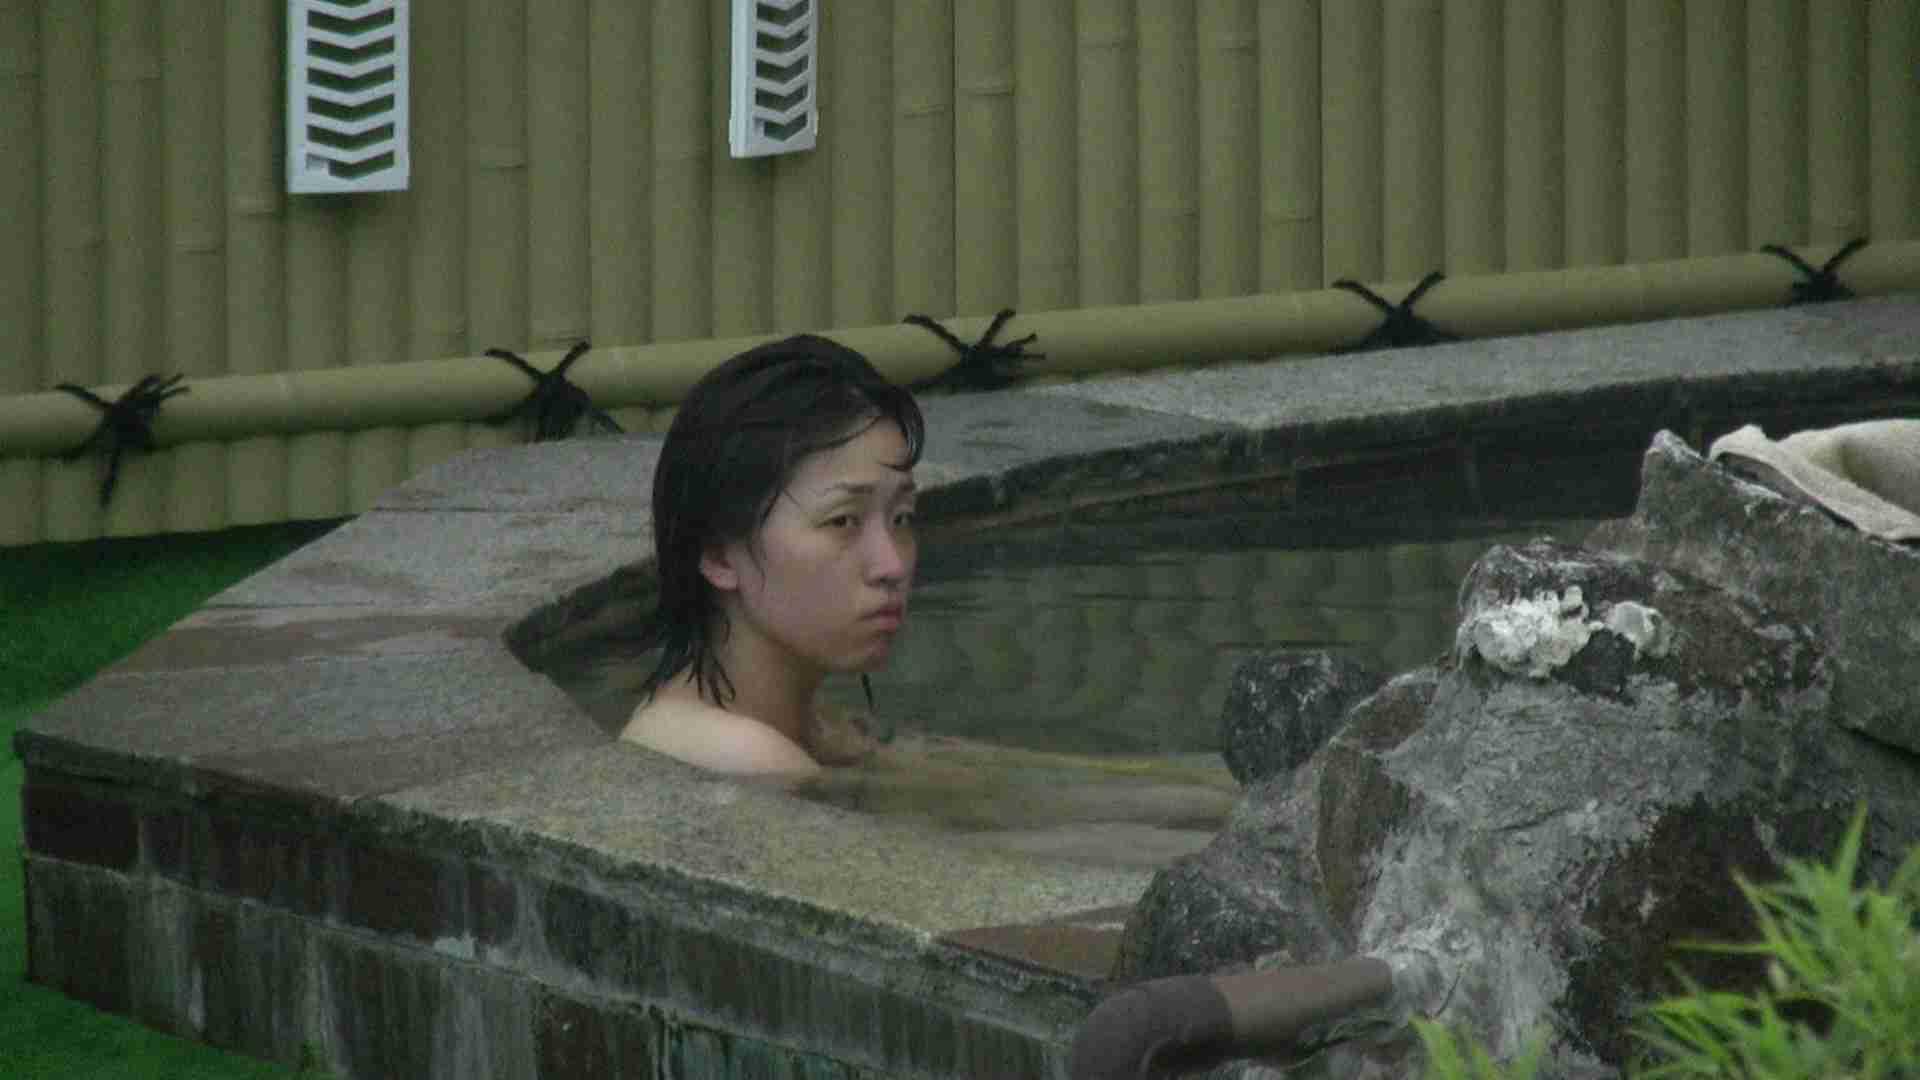 Aquaな露天風呂Vol.170 露天 ヌード画像 54画像 5